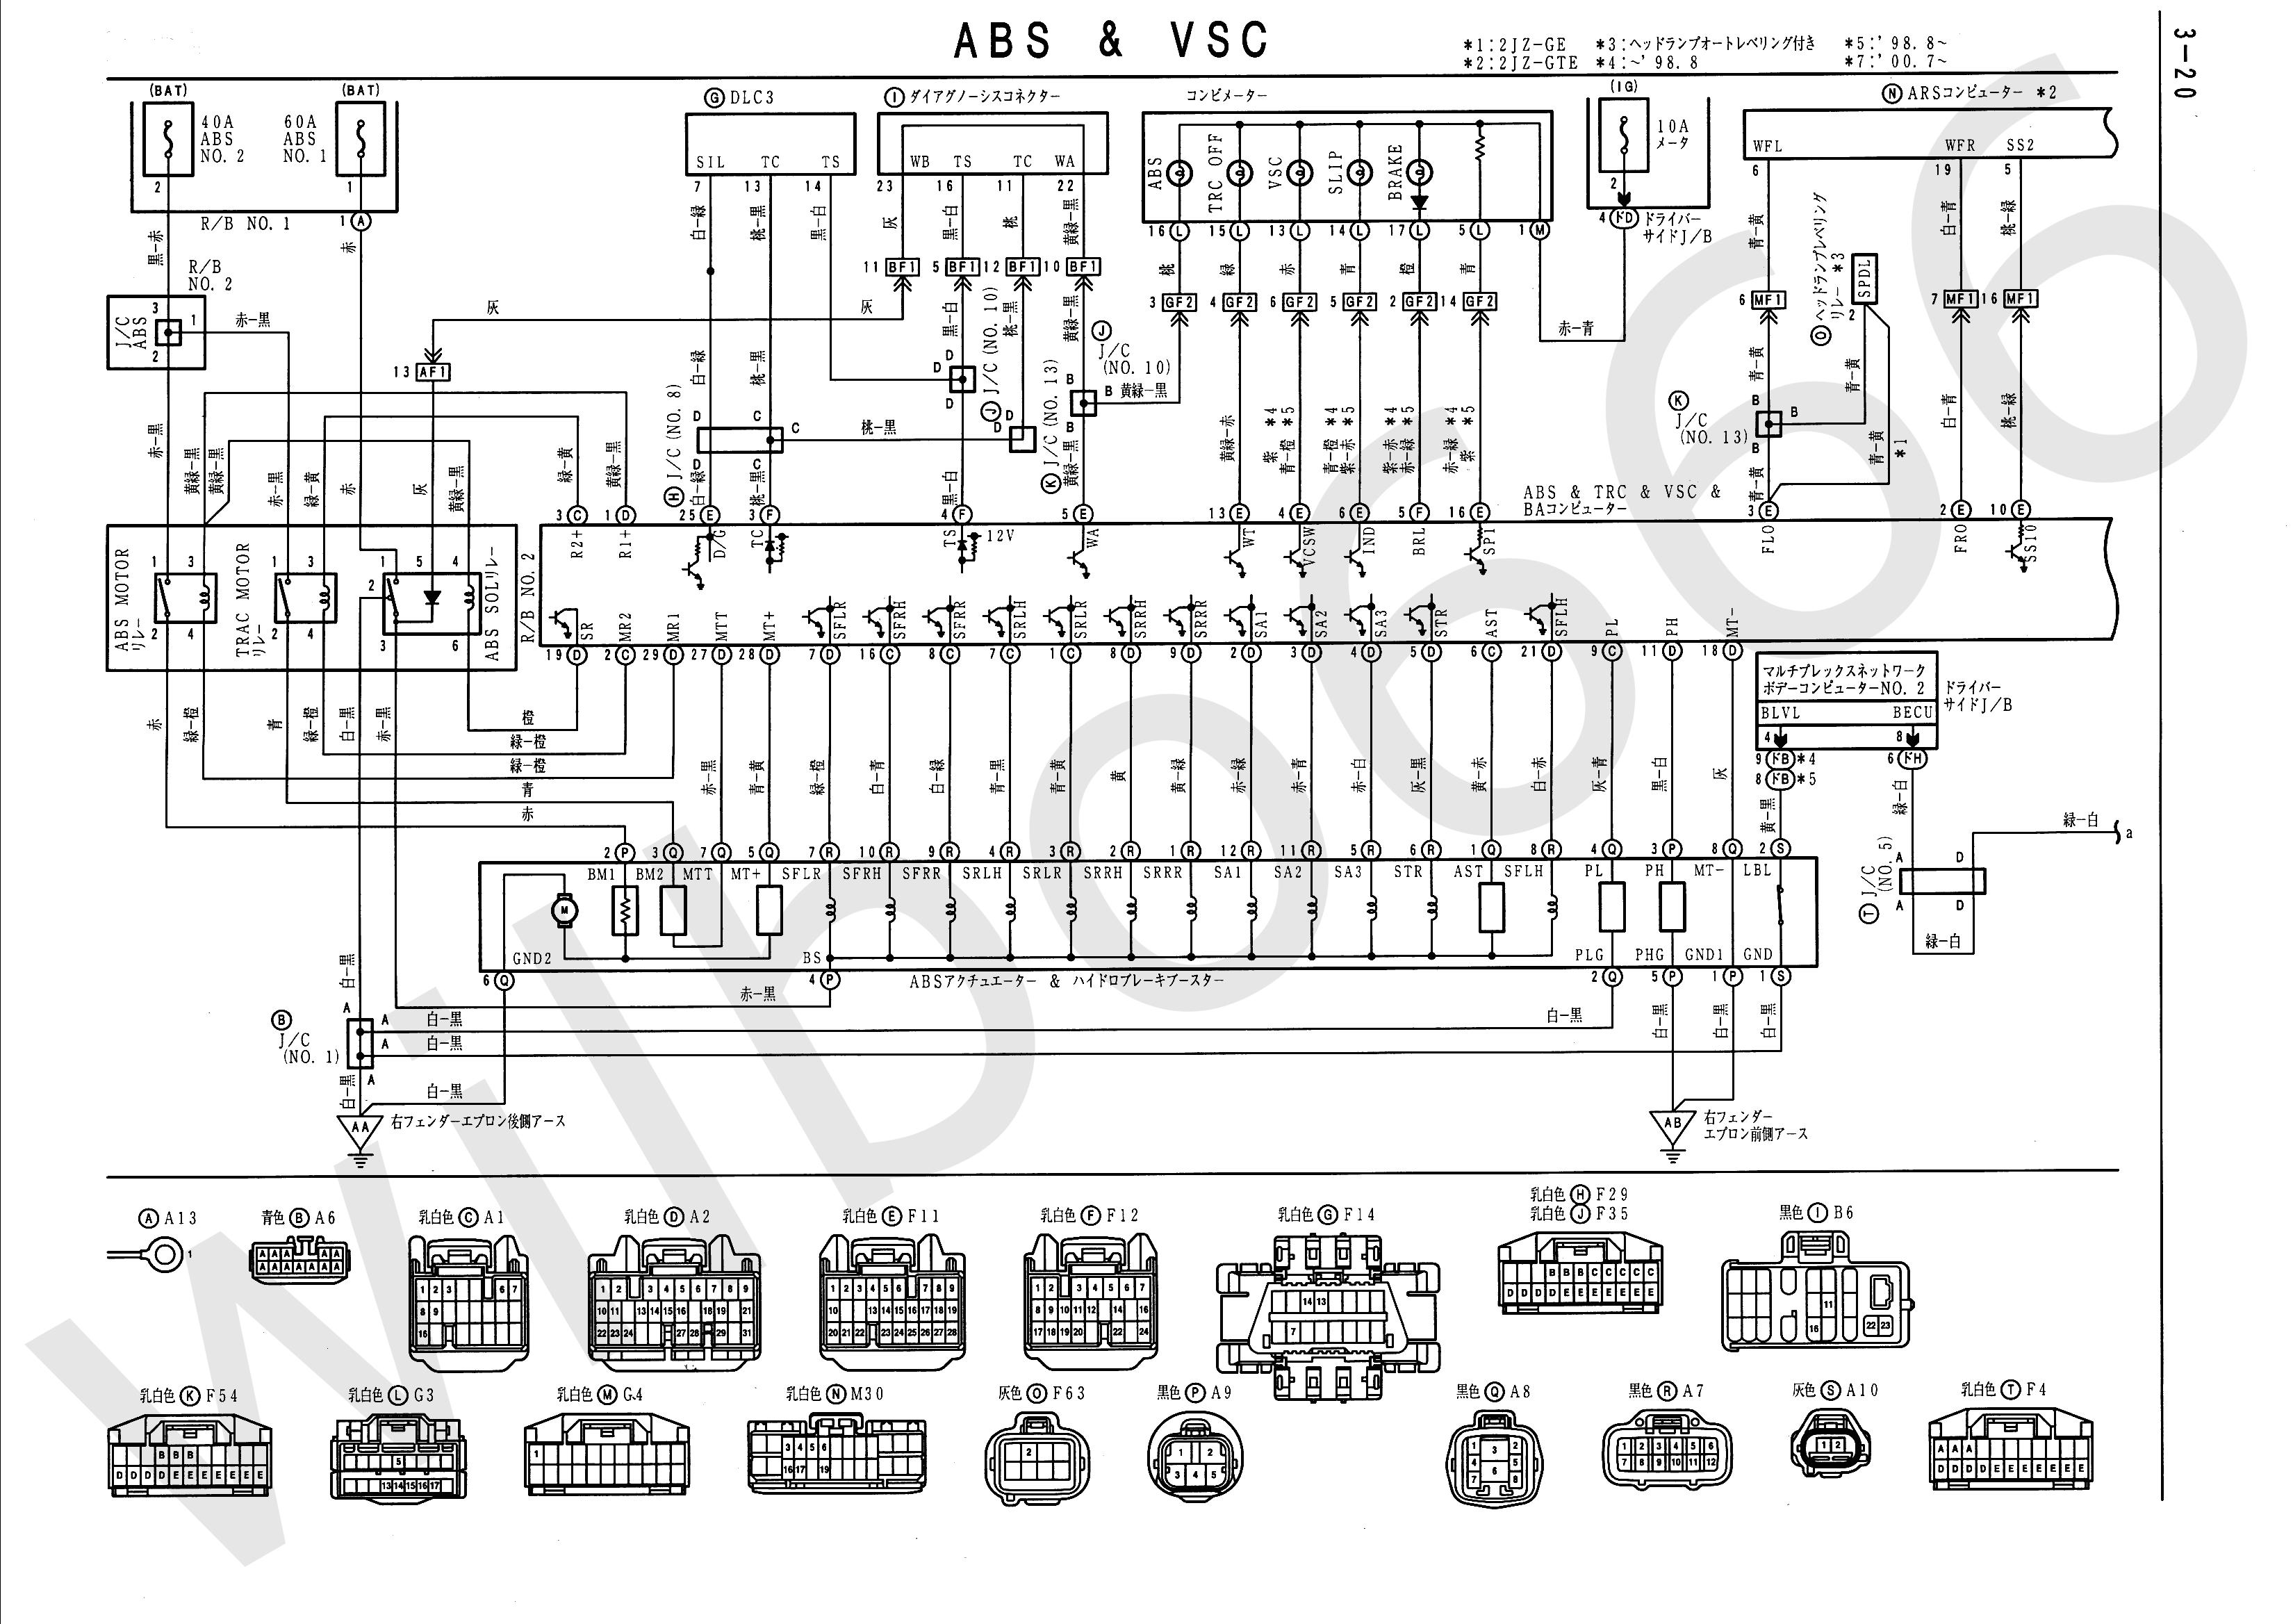 [FPER_4992]  HG_4277] Engine Wiring Diagram Ge Sensor Wiring Diagram 2Jz Vvt I Engine  Wiring Wiring Diagram | Vvt I Engine Wiring Diagram |  | Birdem Eachi Winn Usnes Oper Wigeg Mohammedshrine Librar Wiring 101